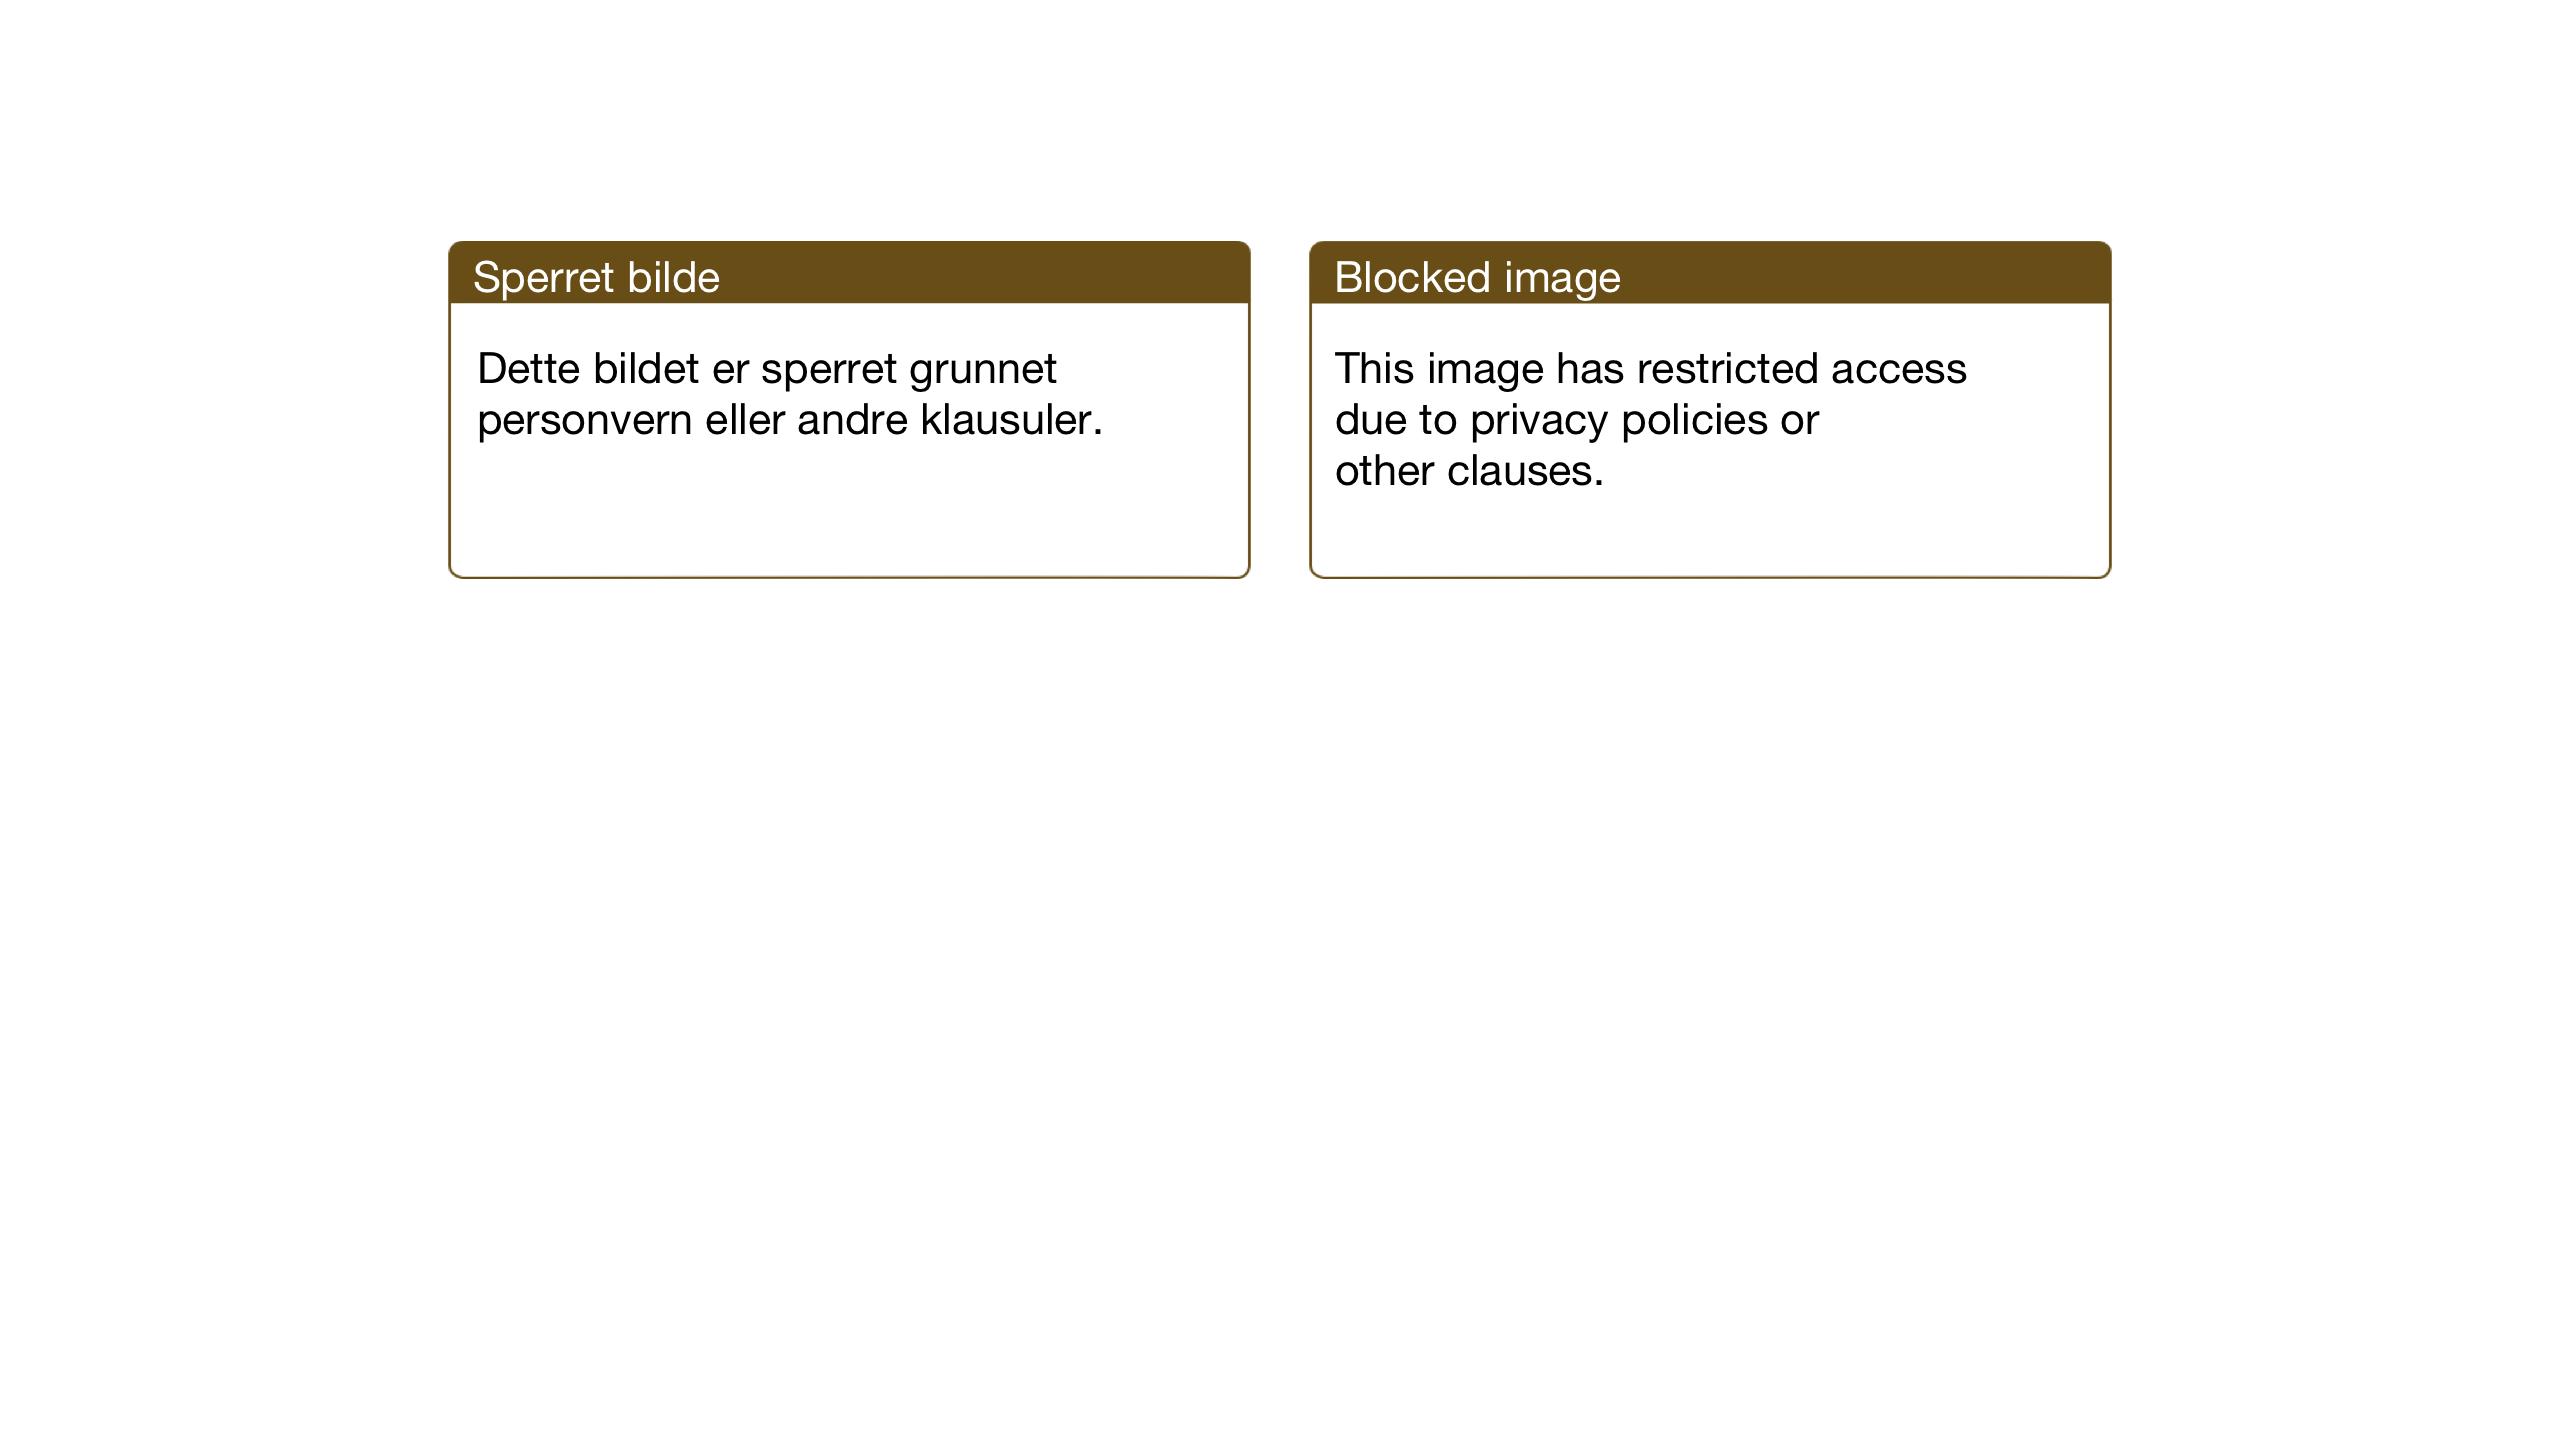 SAT, Ministerialprotokoller, klokkerbøker og fødselsregistre - Nord-Trøndelag, 773/L0625: Klokkerbok nr. 773C01, 1910-1952, s. 234